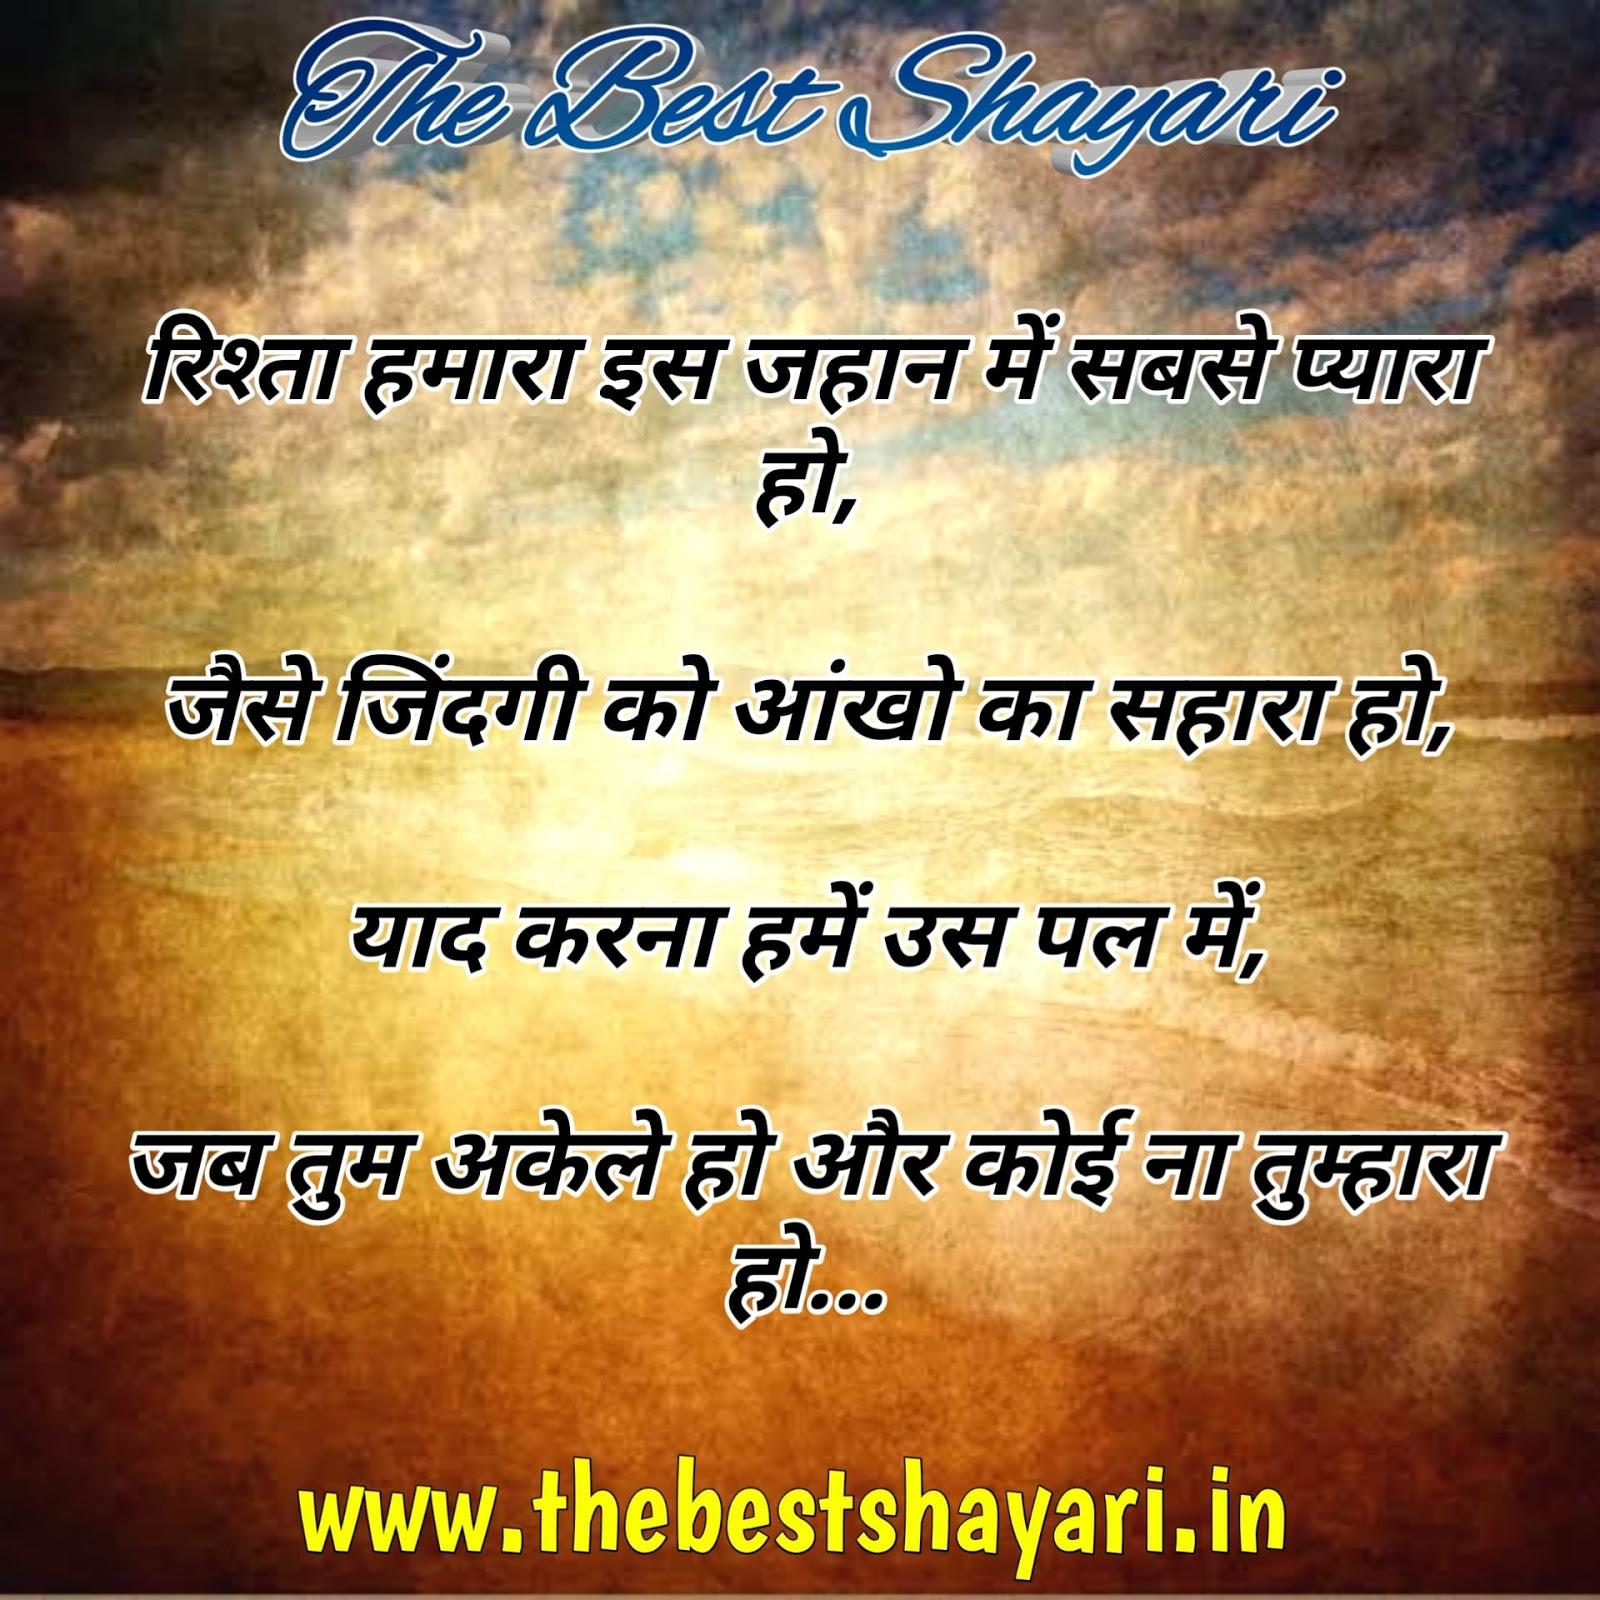 Loving shayari in hindi